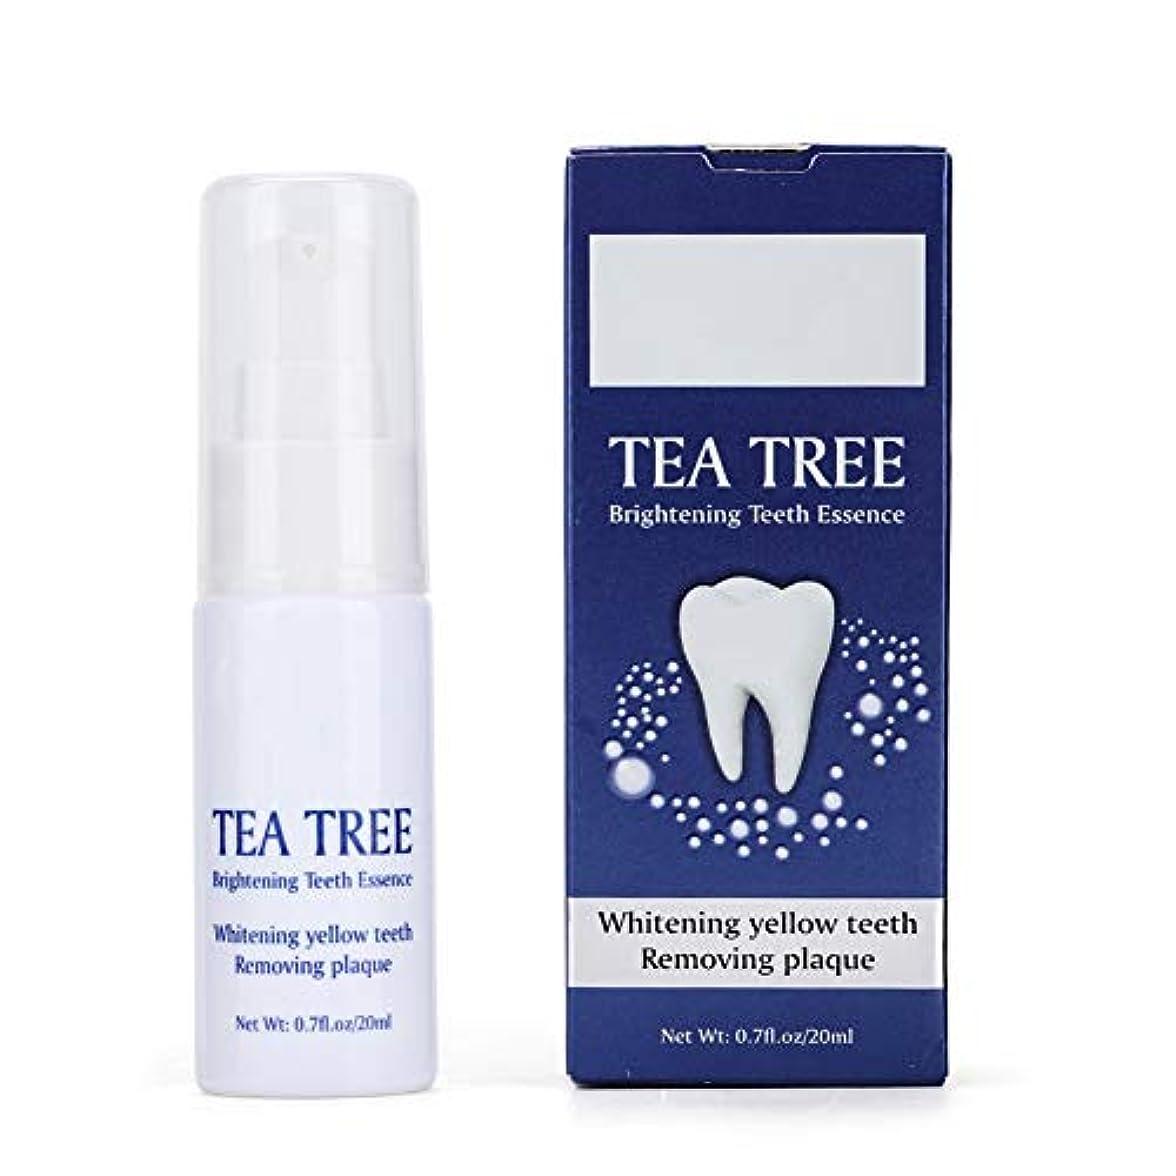 白くなるティーツリーの歯はプラークの汚れを取り除きます